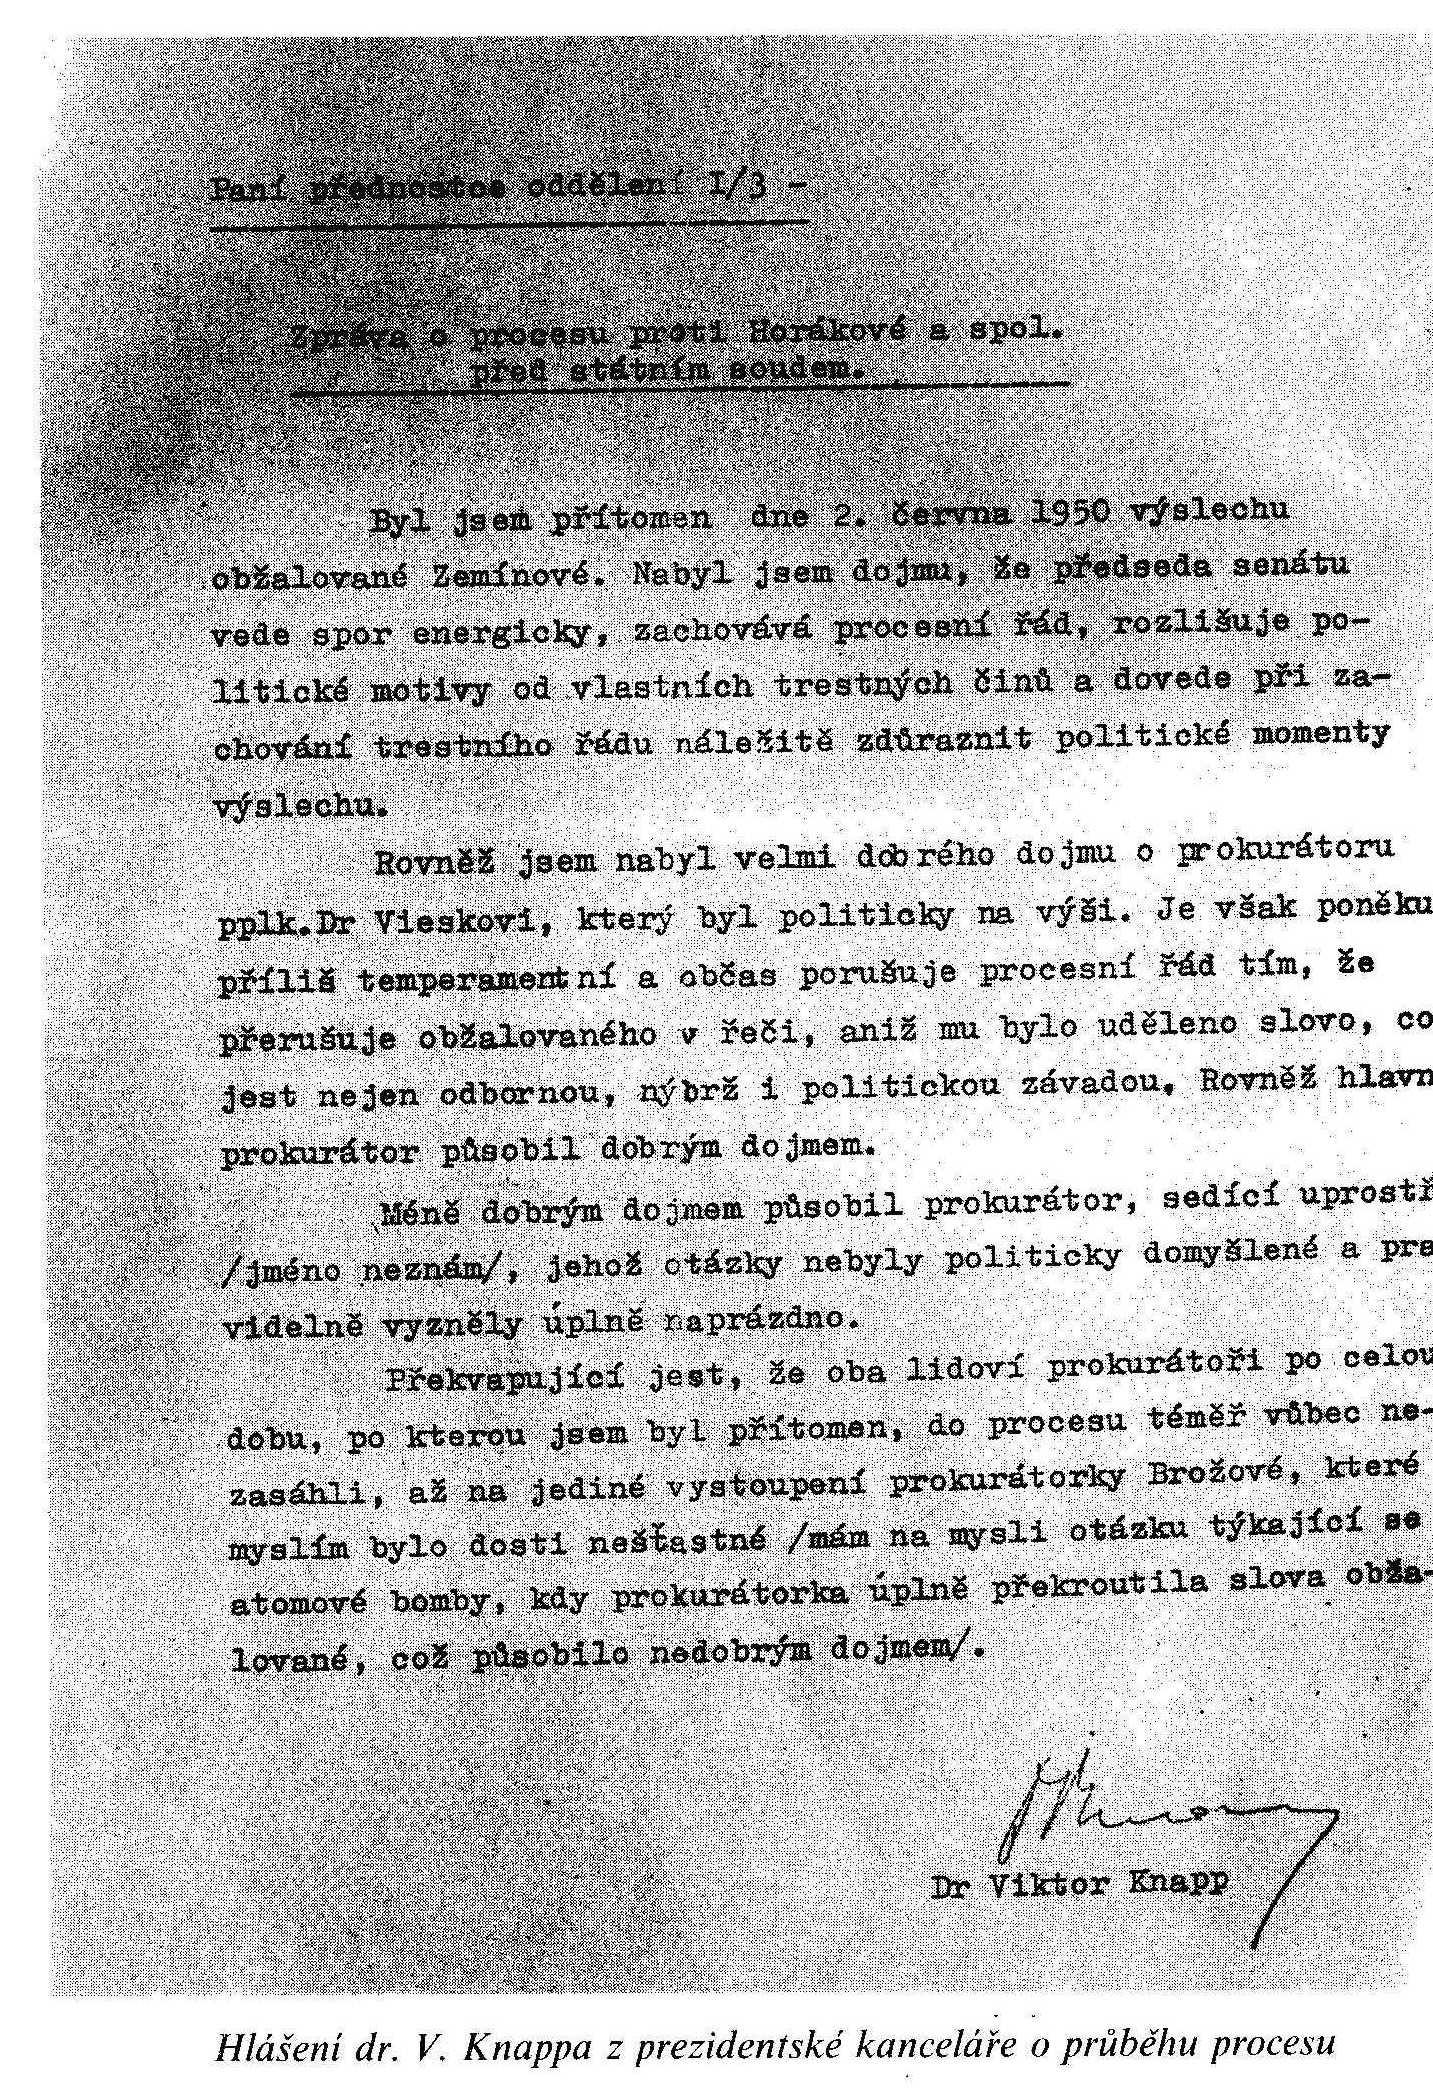 Photo: Uveřejněné v IVANOV, Miroslav. Justiční vražda aneb Smrt Milady Horákové, Praha, 1991